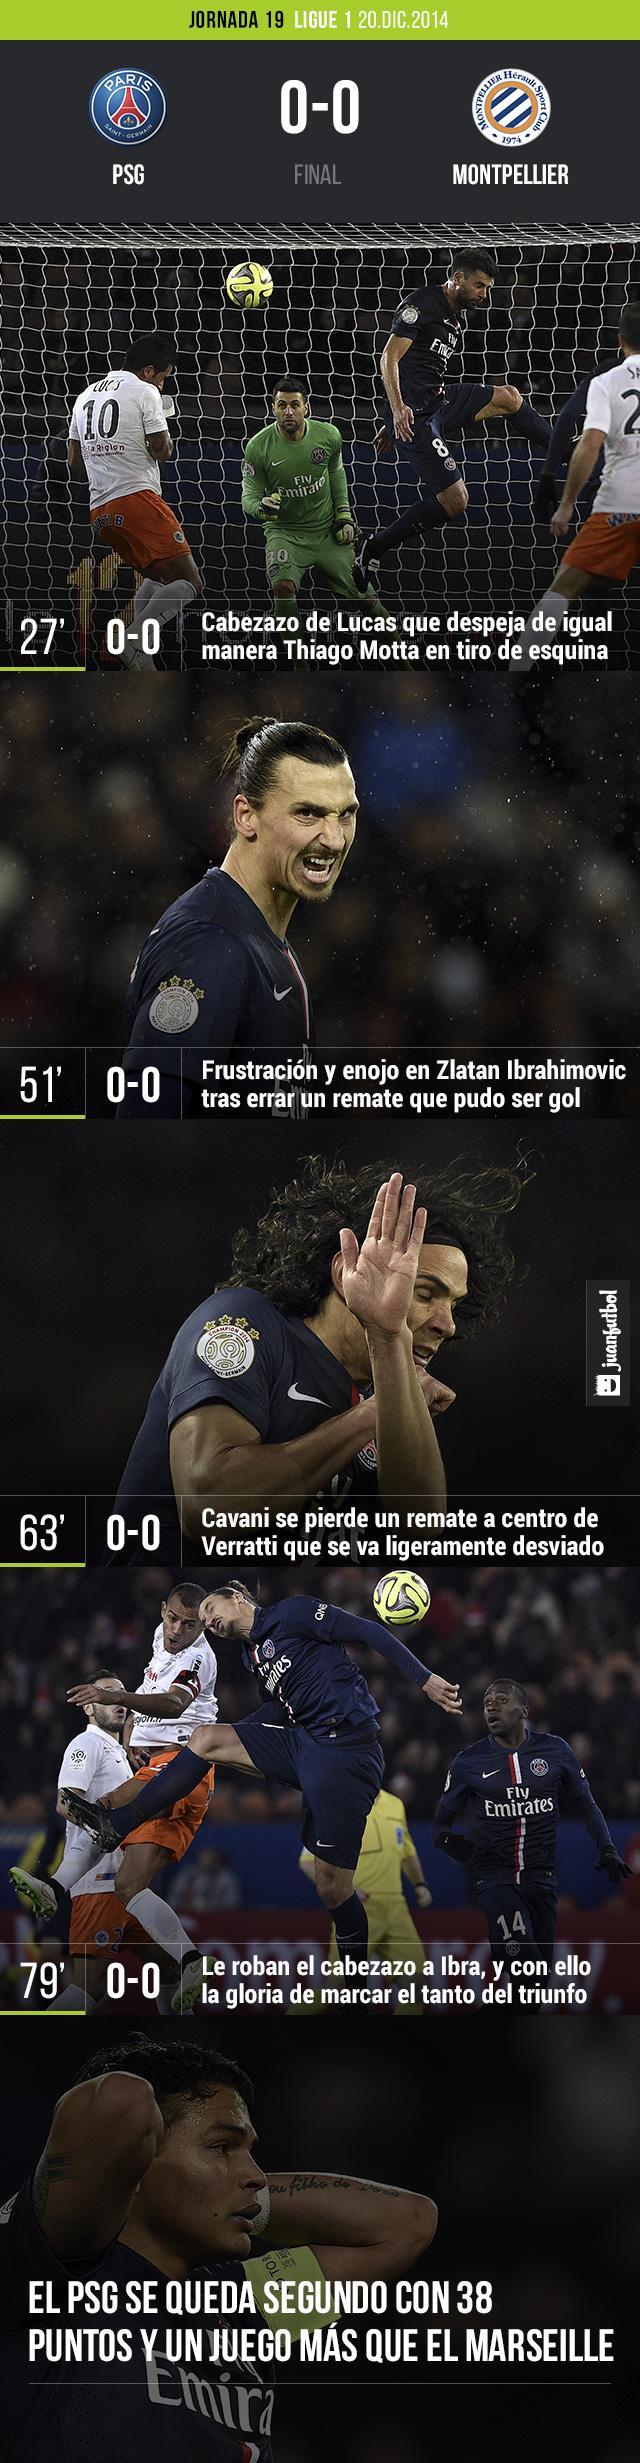 El PSG empató sin goles con el Montpellier y queda segundo en la tabla